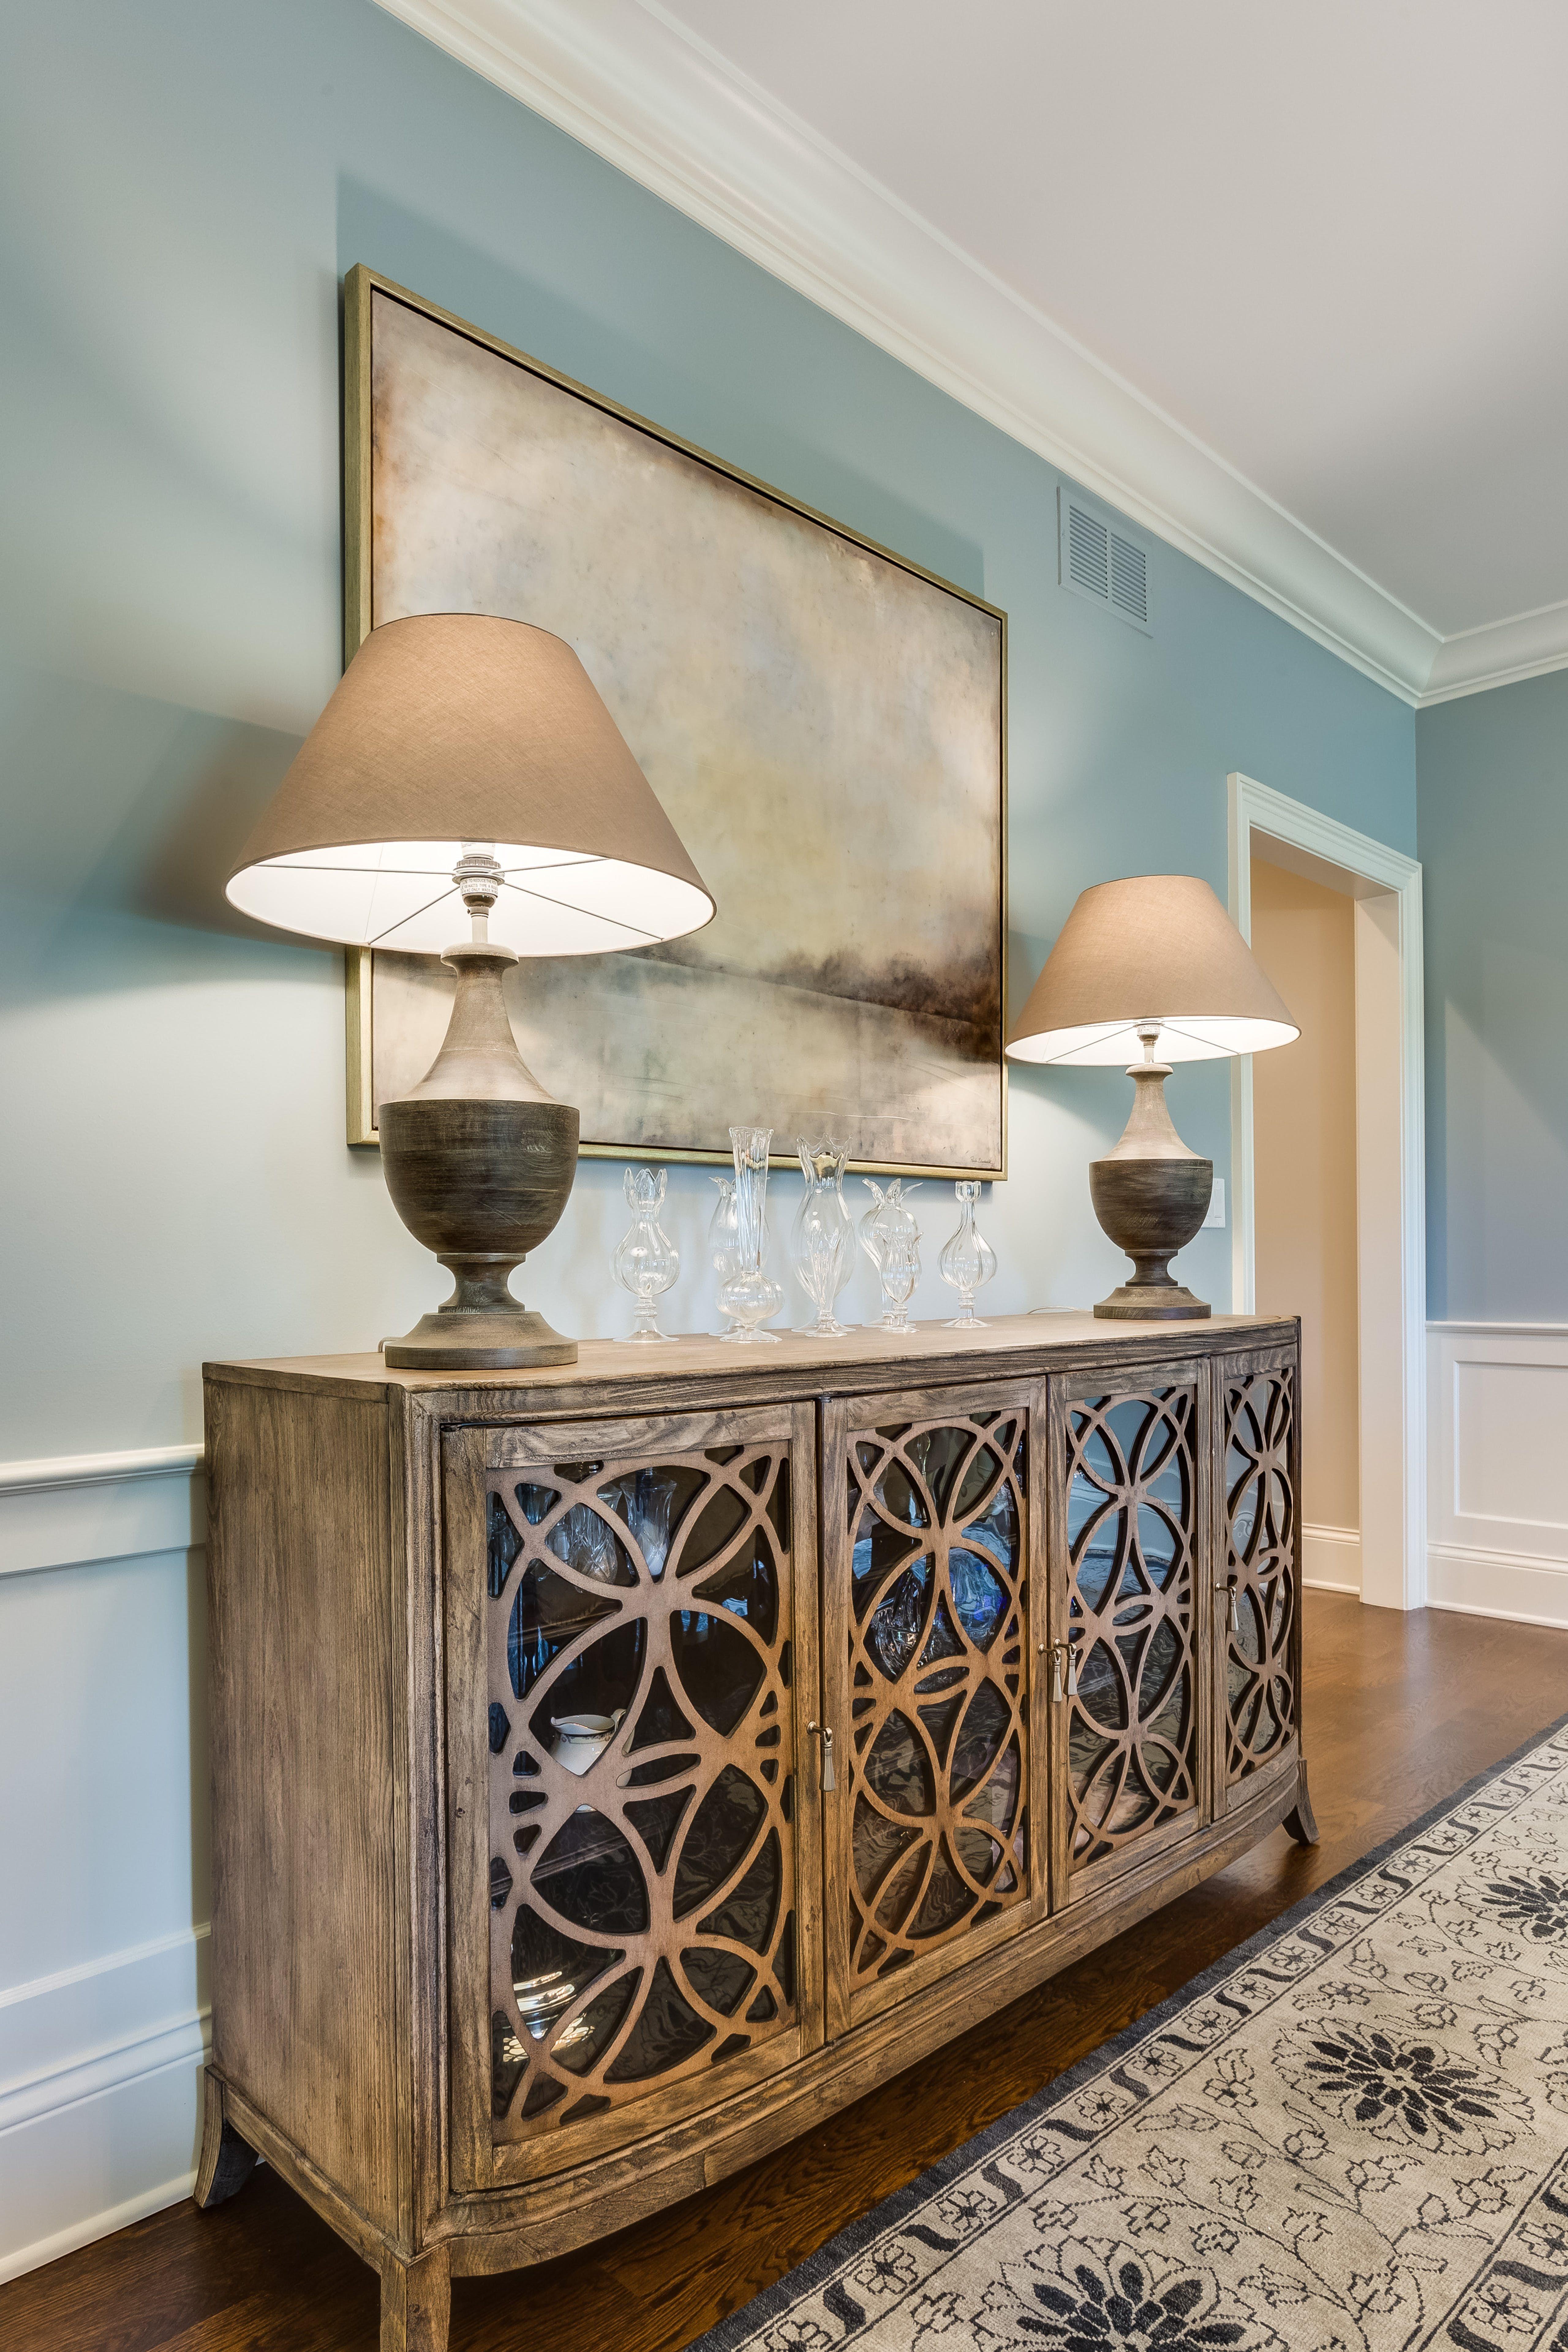 Rae.duncan.interior.design.portfolio.interiors.1504215294.233615